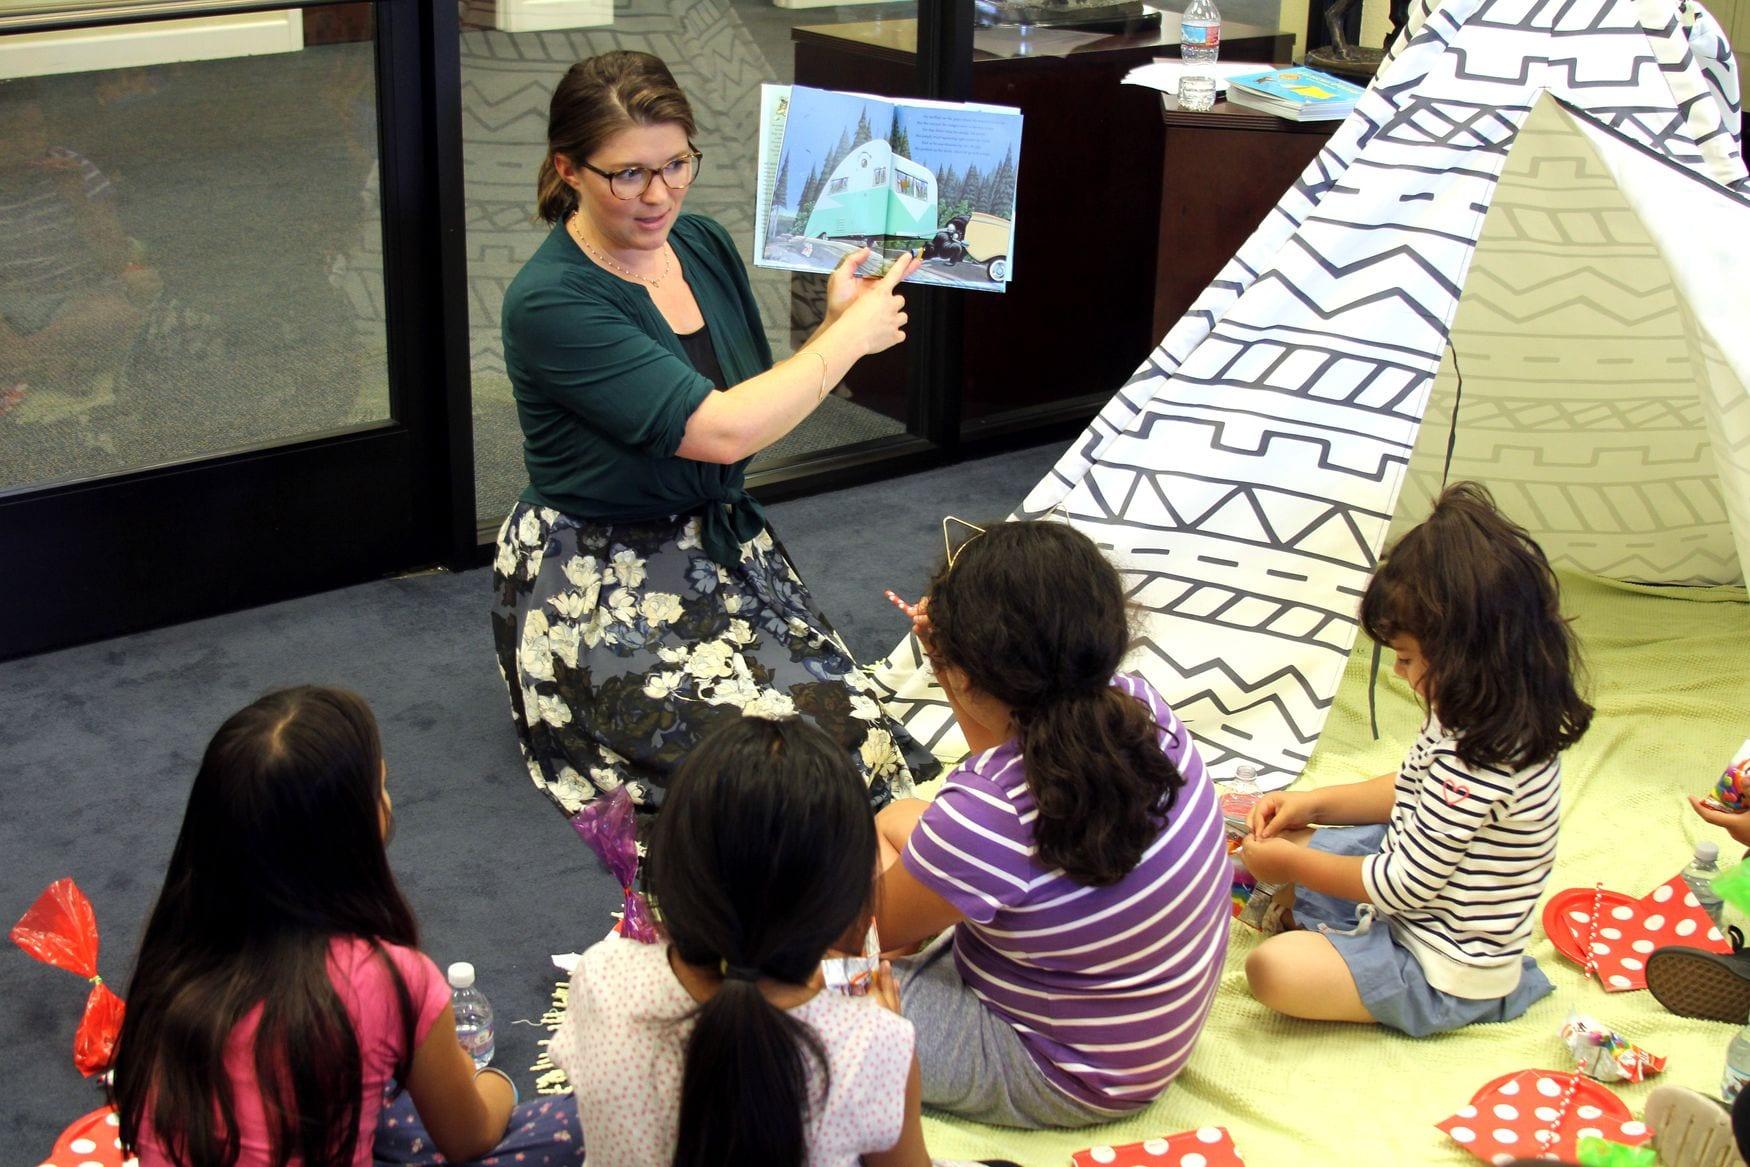 Laurus College Blog – Summertime Reading Days at Laurus College